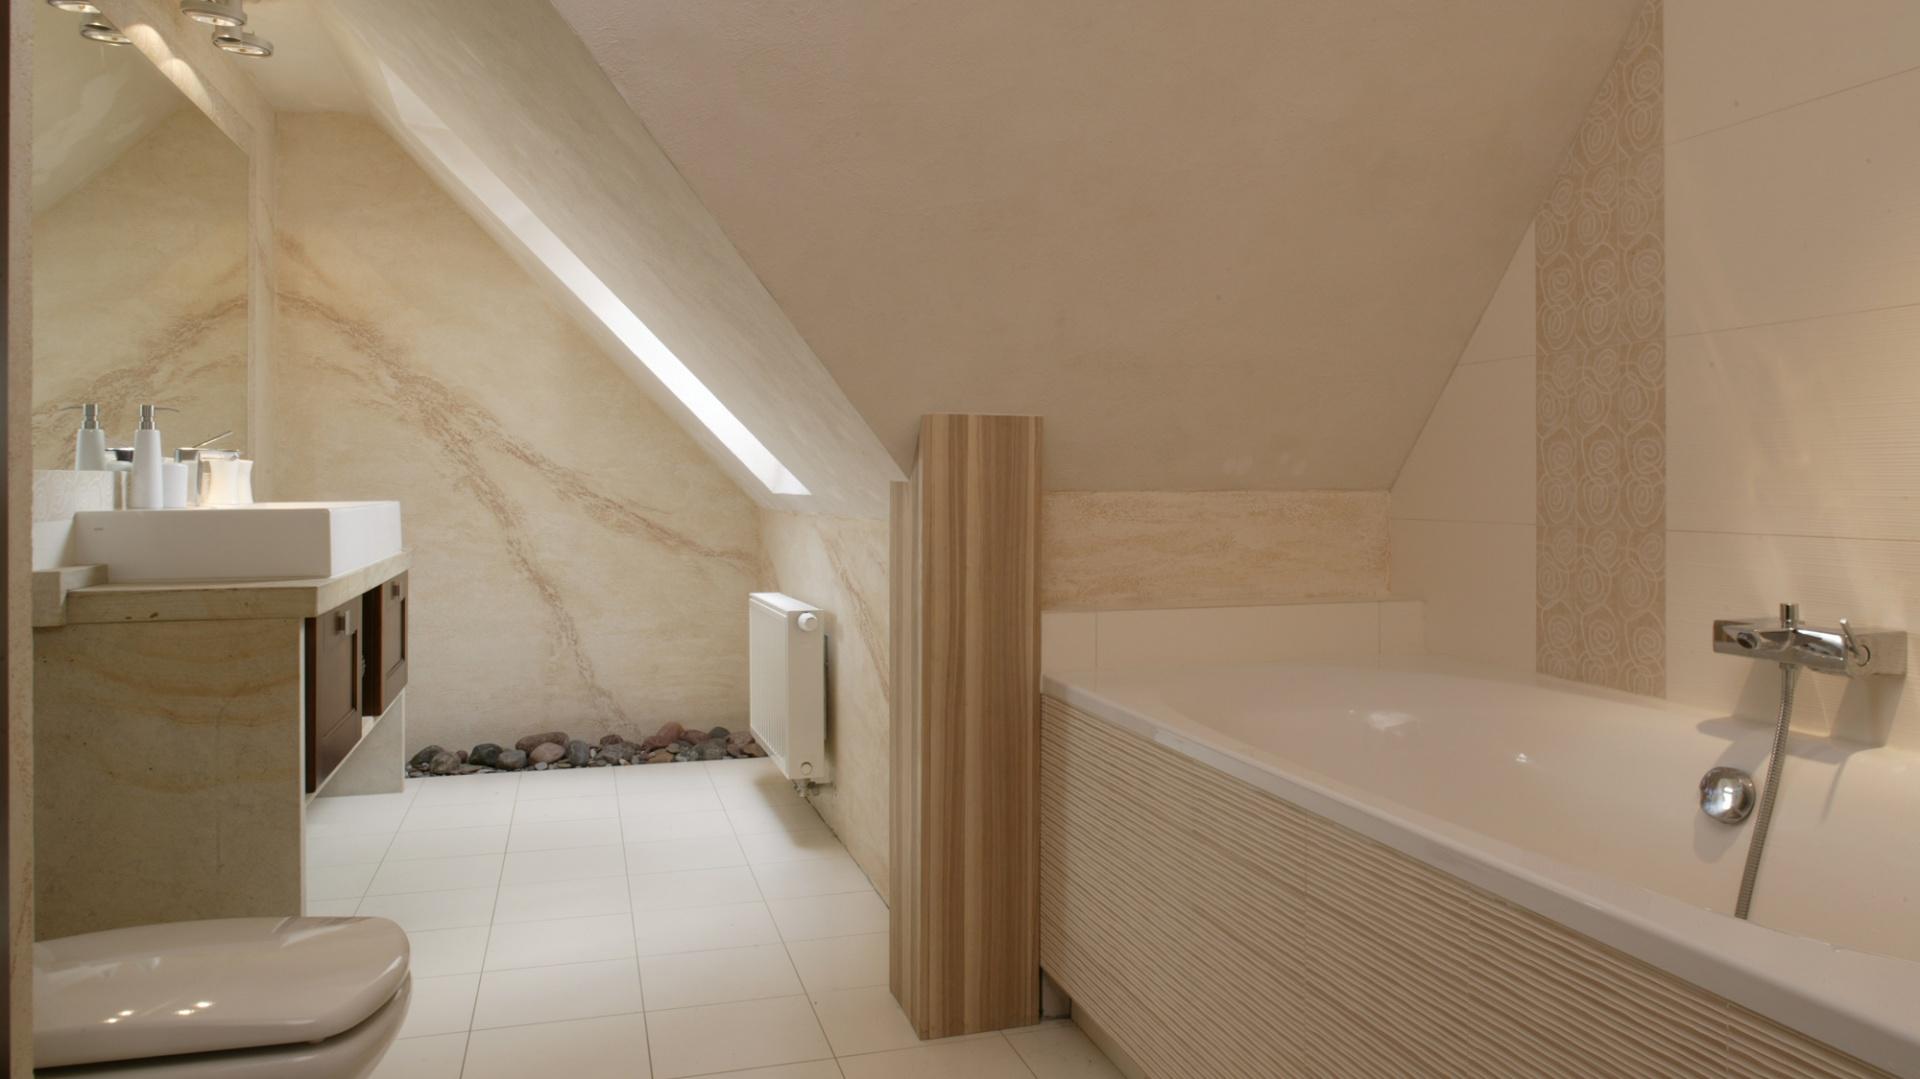 Jasna, przytulna łazienka to także wyraźne nawiązanie do natury. Wszystkie płytki mają podobny, subtelny odcień ecru. Ściany i podłoga zostały wyłożone płytkami z kolekcji Nirvana, hiszpańskiej marki Saloni. Fot. Bartosz Jarosz.